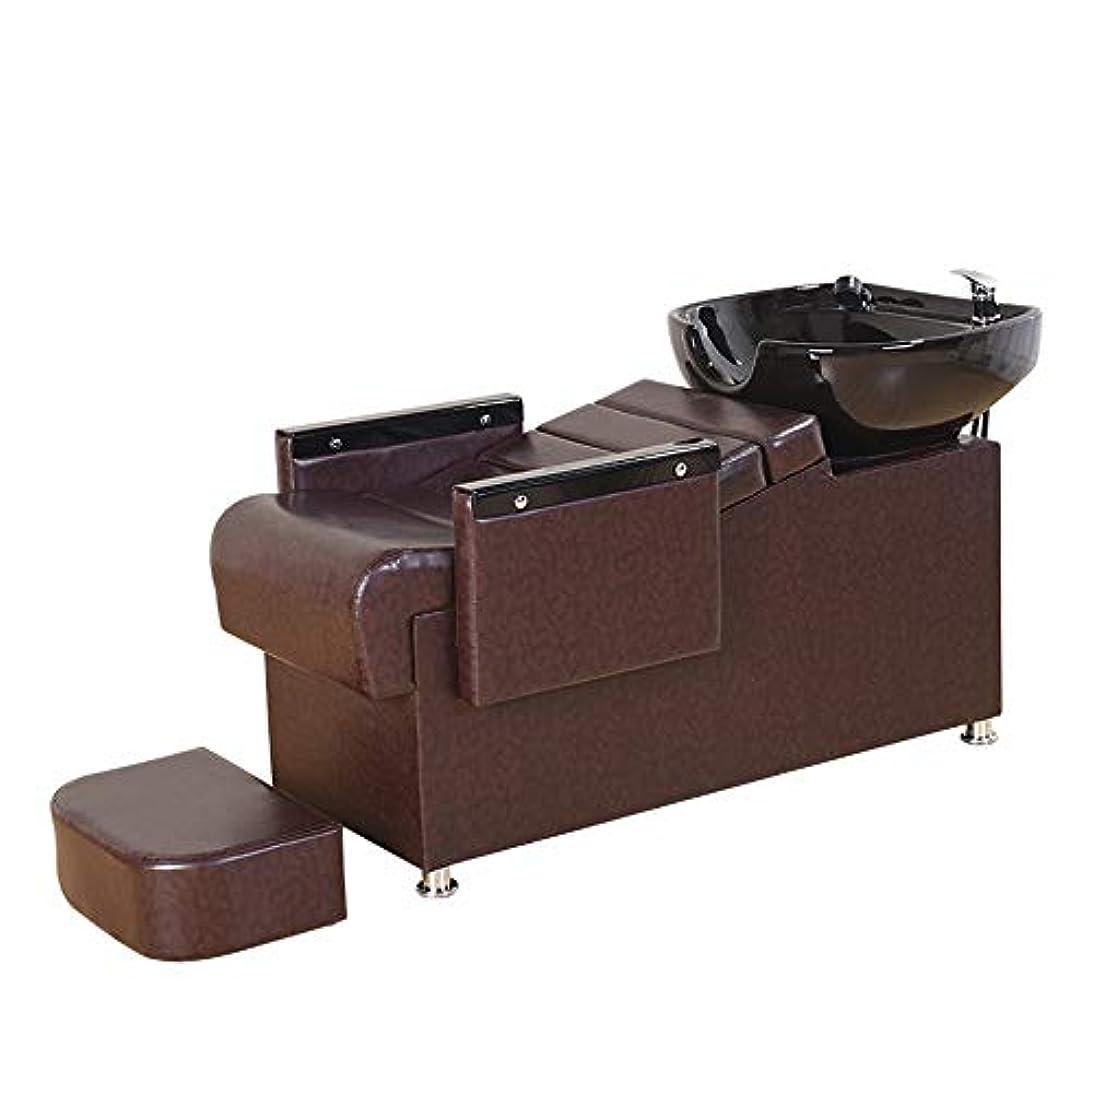 麻痺傾向があります微生物シャンプー椅子、逆洗ユニットシャンプーボウル理髪店フラッシングベッド美容院シンク椅子用スパ美容院機器